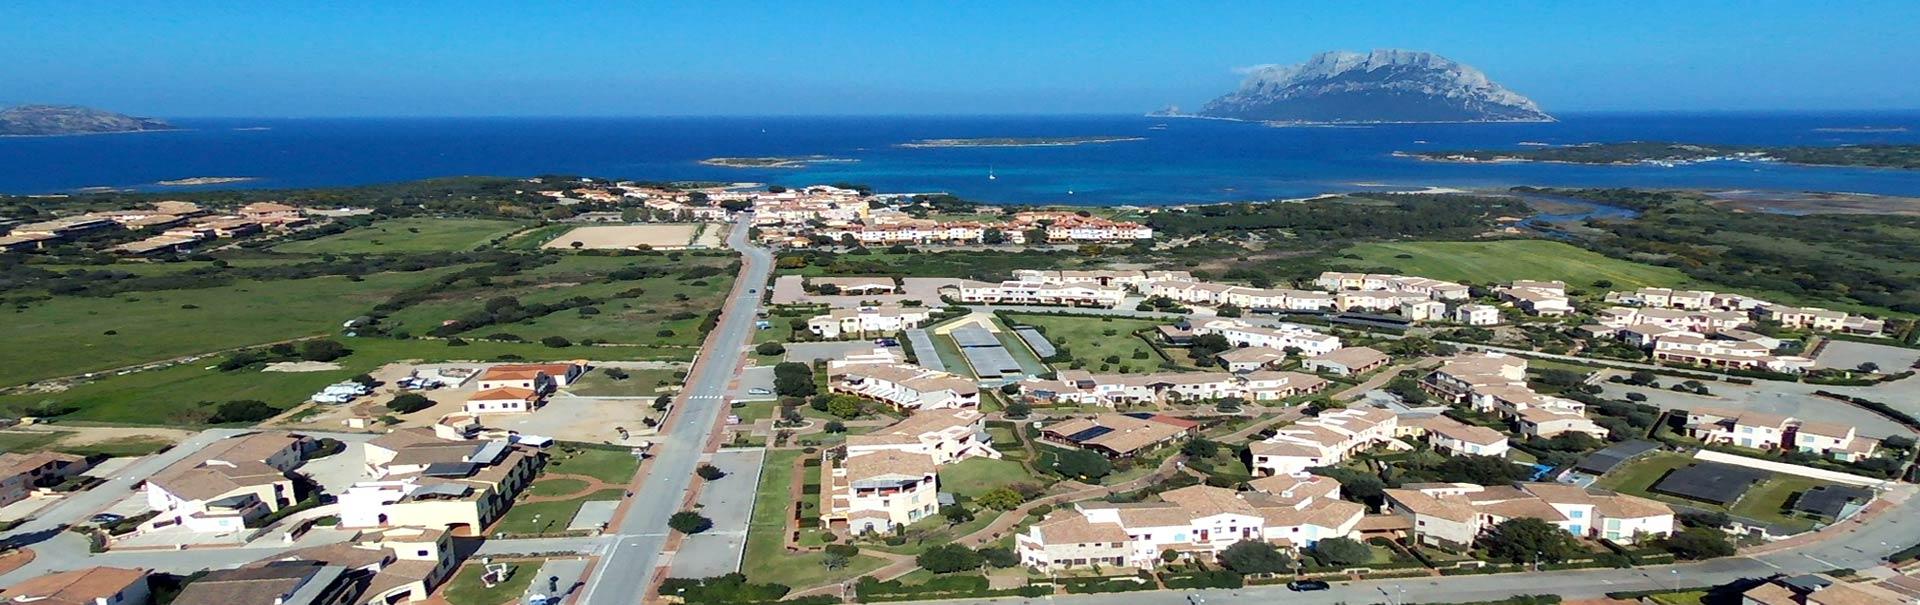 Agenzia immobiliare porto san paolo olbia for Agenzia immobiliare olbia